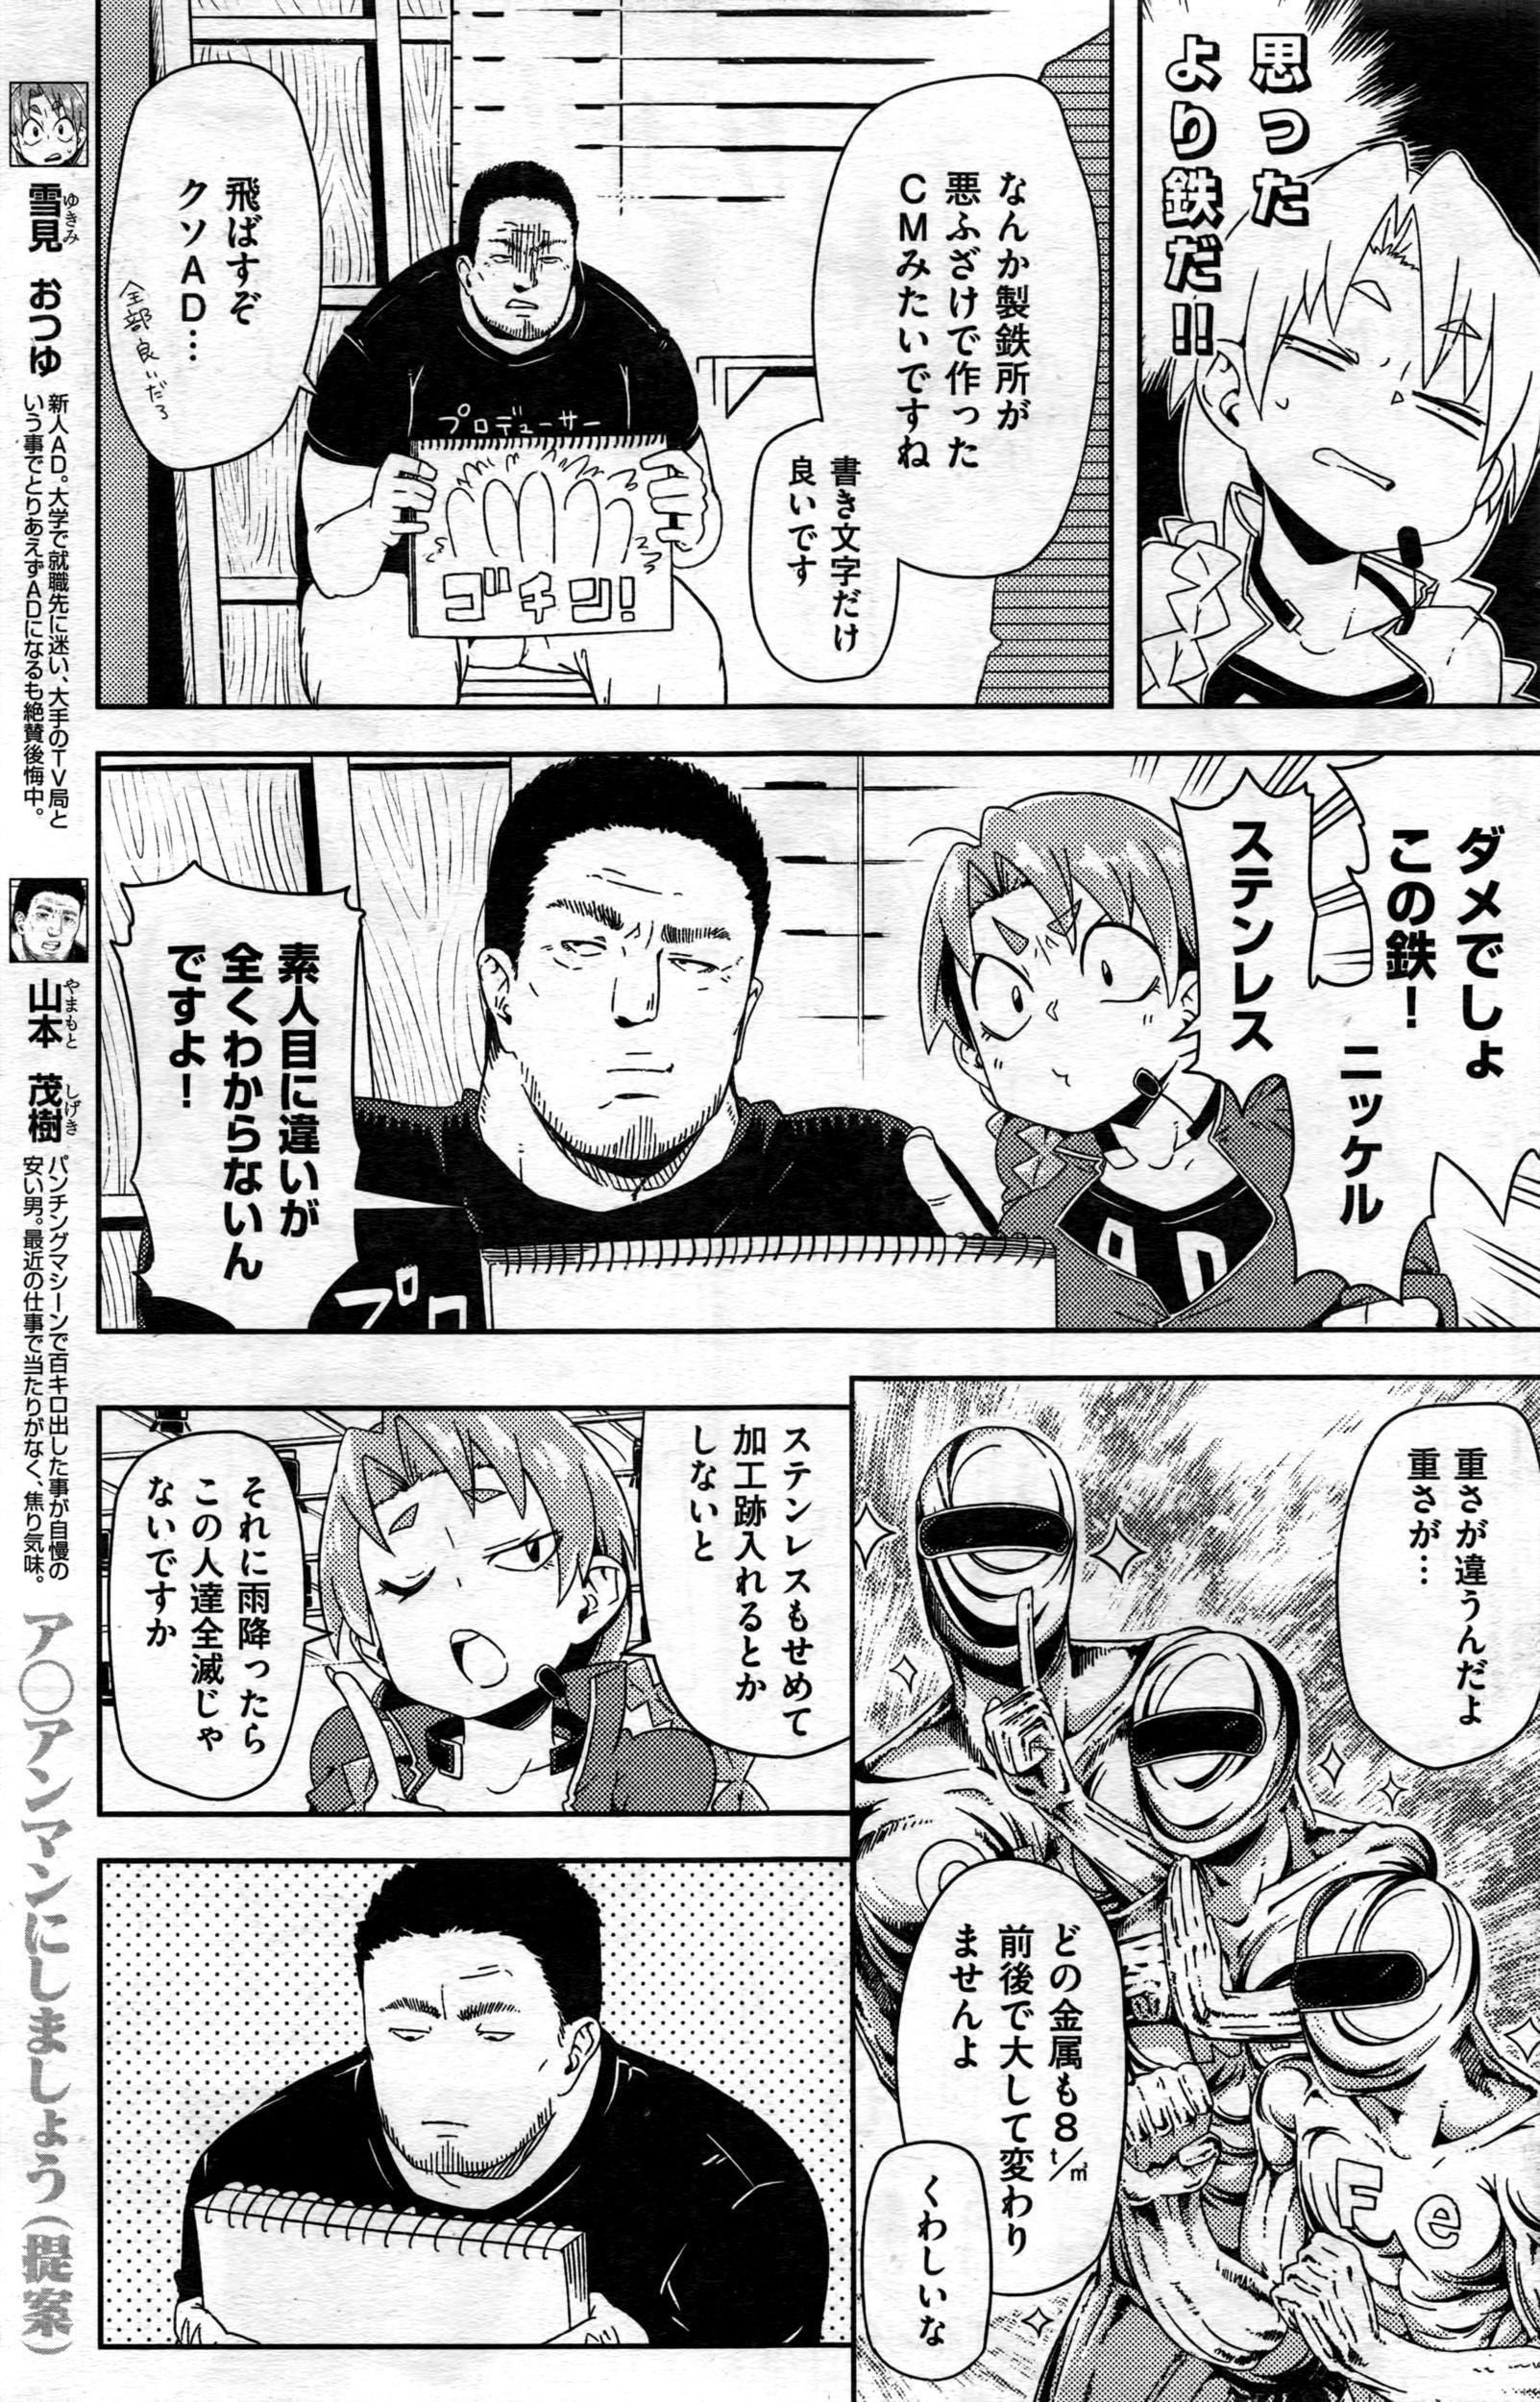 COMIC Kairakuten 2016-03 193